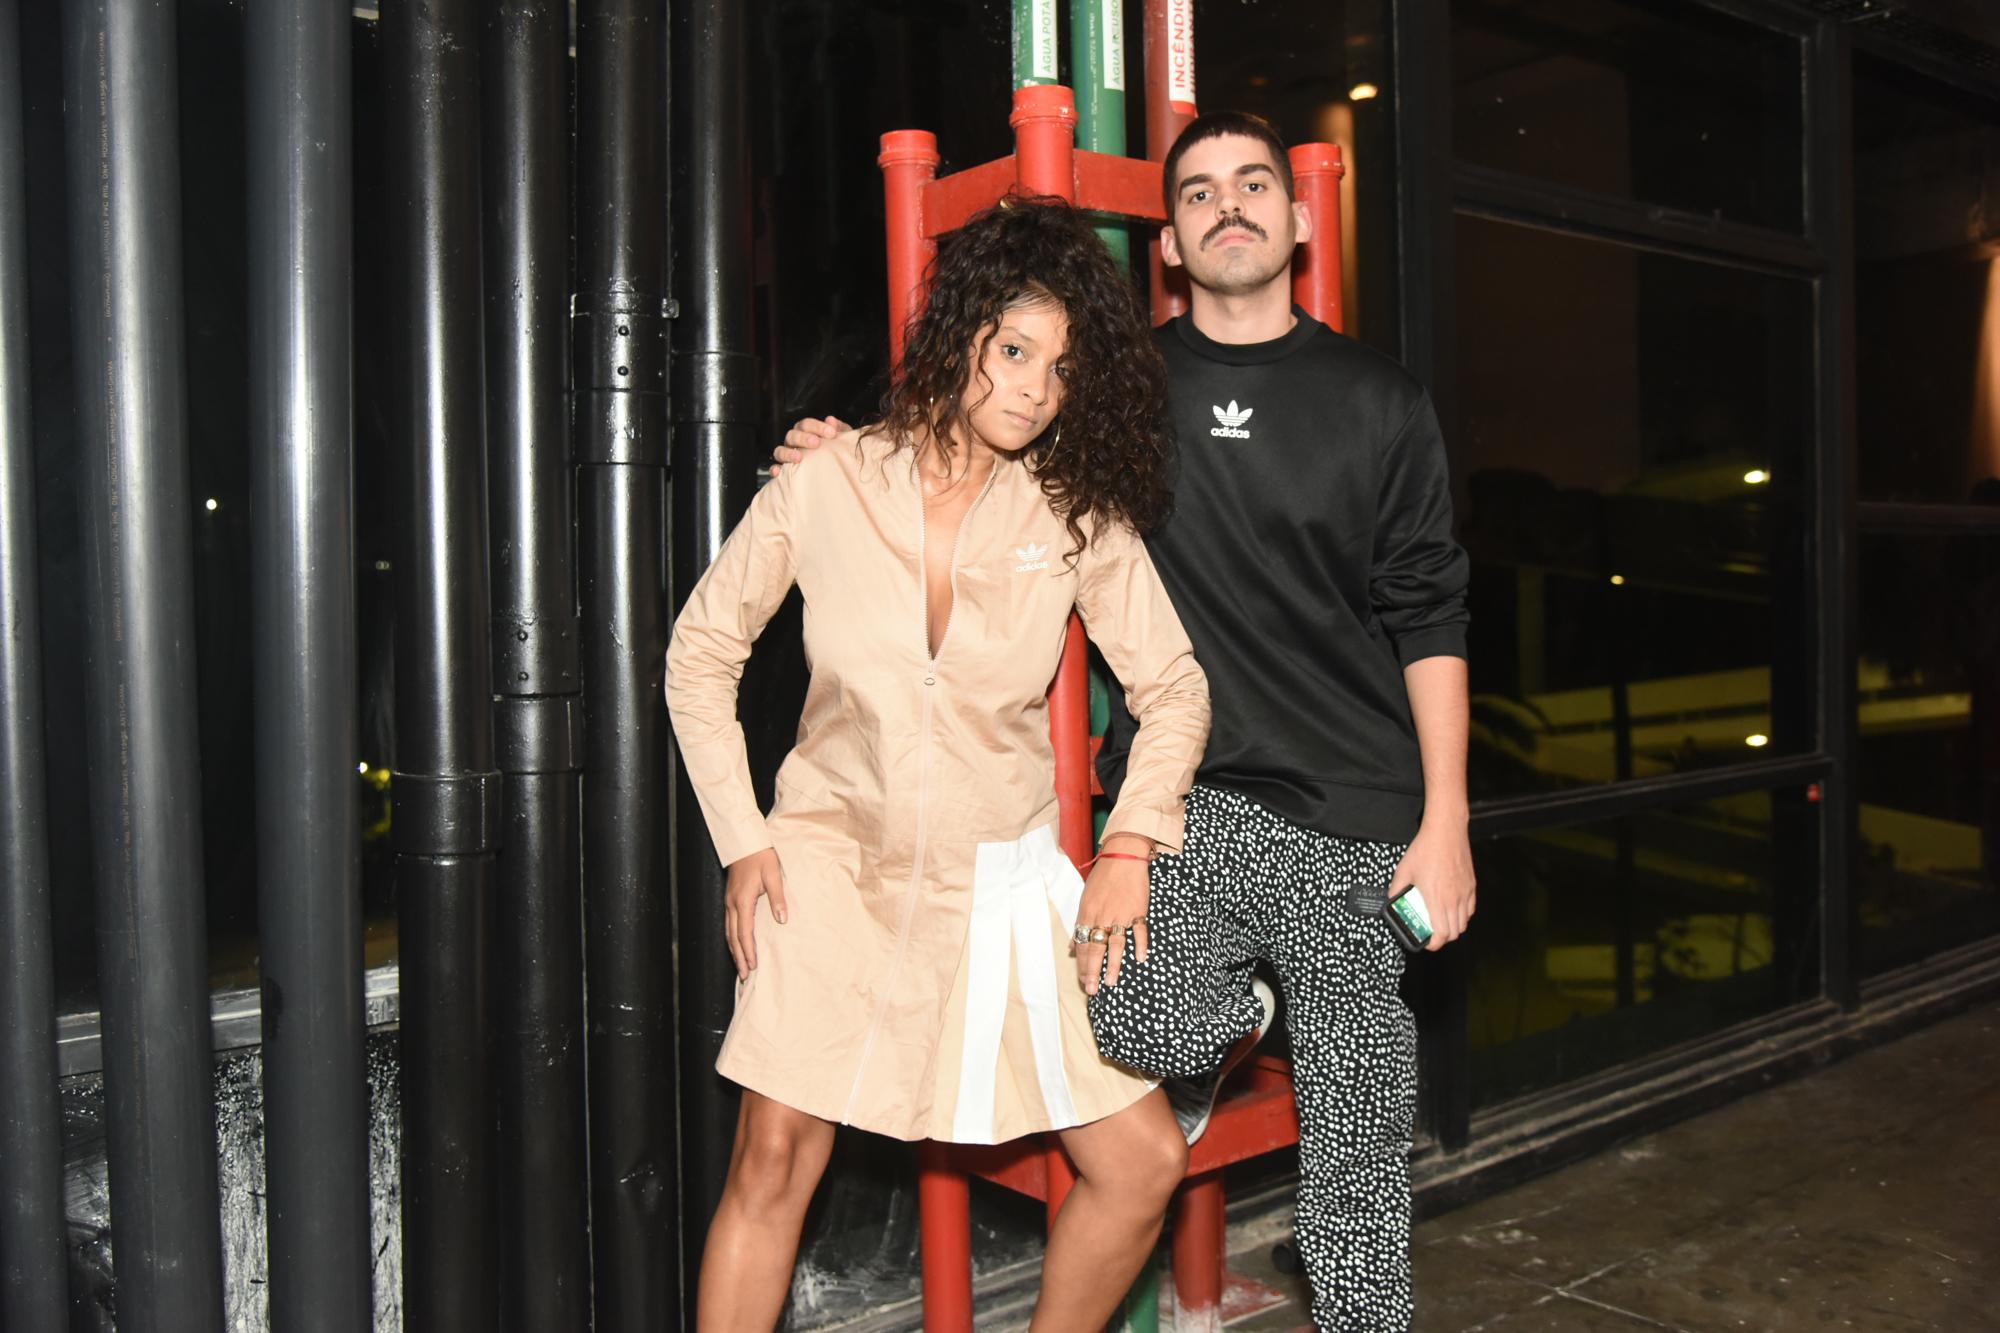 Galeria de Fotos Streetstyle FFW x Adidas  o look dos convidados do SPFW  N44    Foto 17    Notícias    FFW 975924d3d0